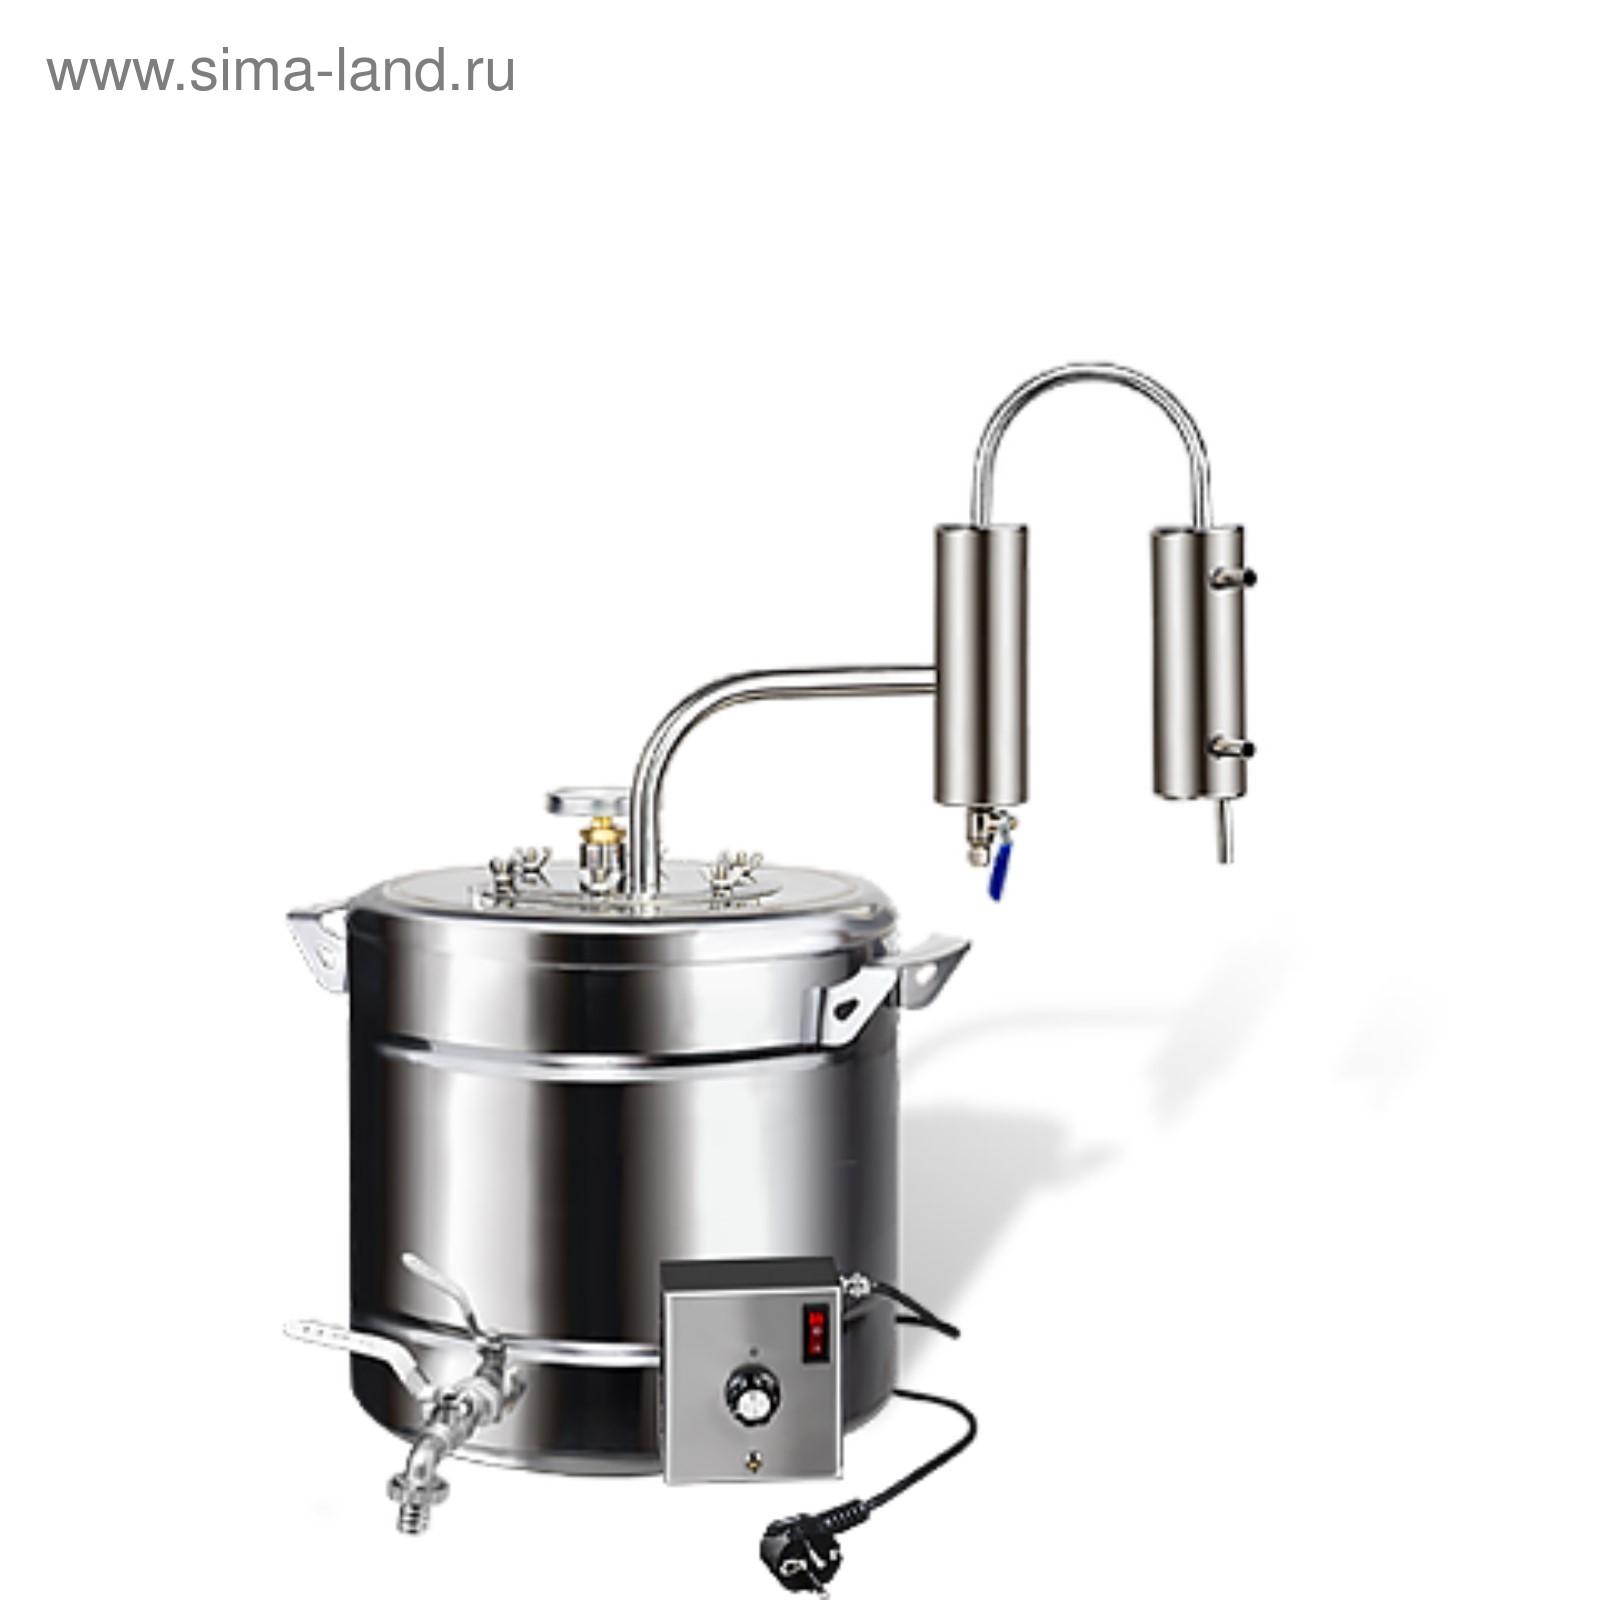 Купить самогонный аппарат с тэном и сухопарником походная коптильня для горячего копчения купить